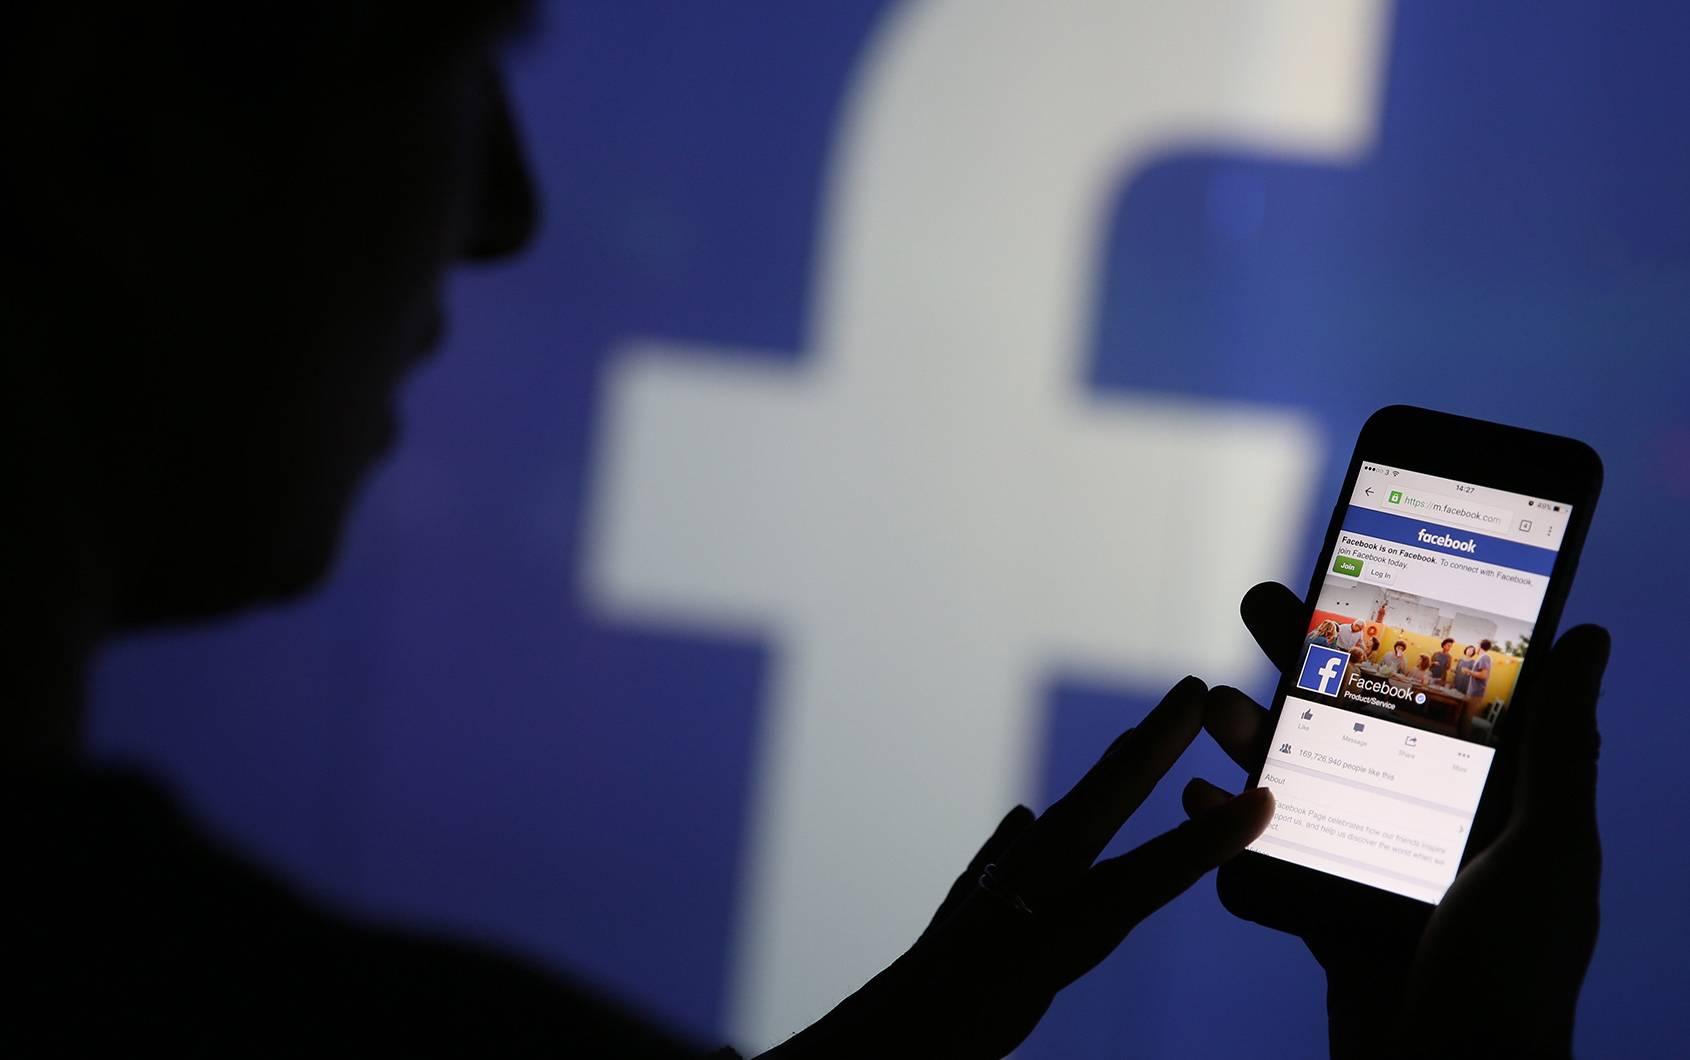 Despiden a ingeniero de Facebook por acosar a mujeres y revisar sus datos